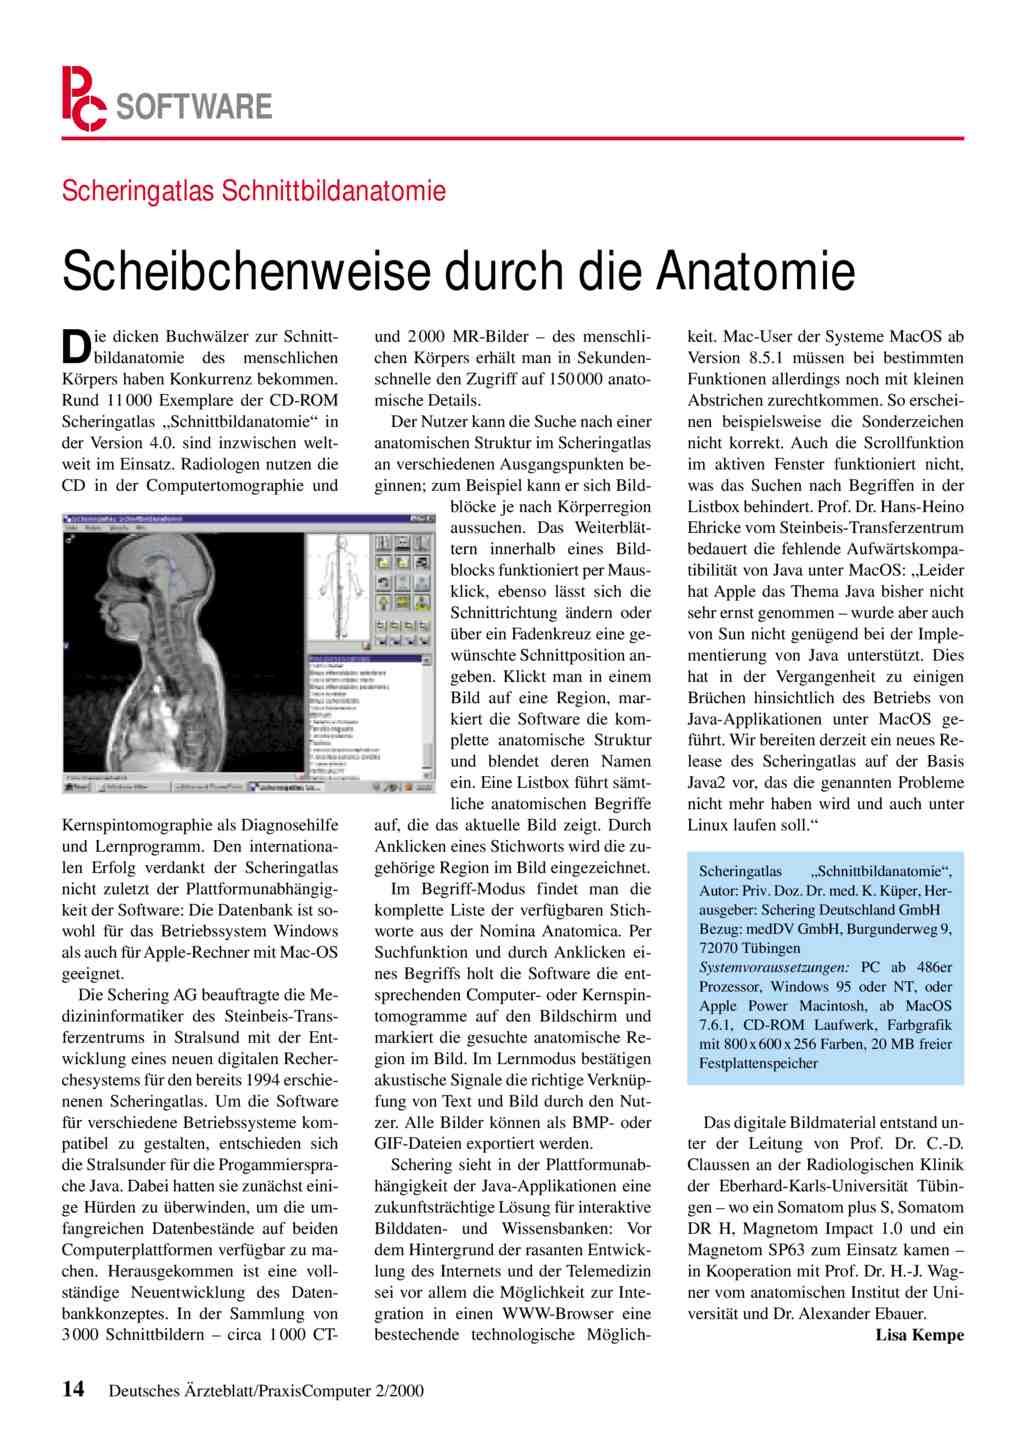 Scheringatlas Schnittbildanatomie: Scheibchenweise durch die Anatomie